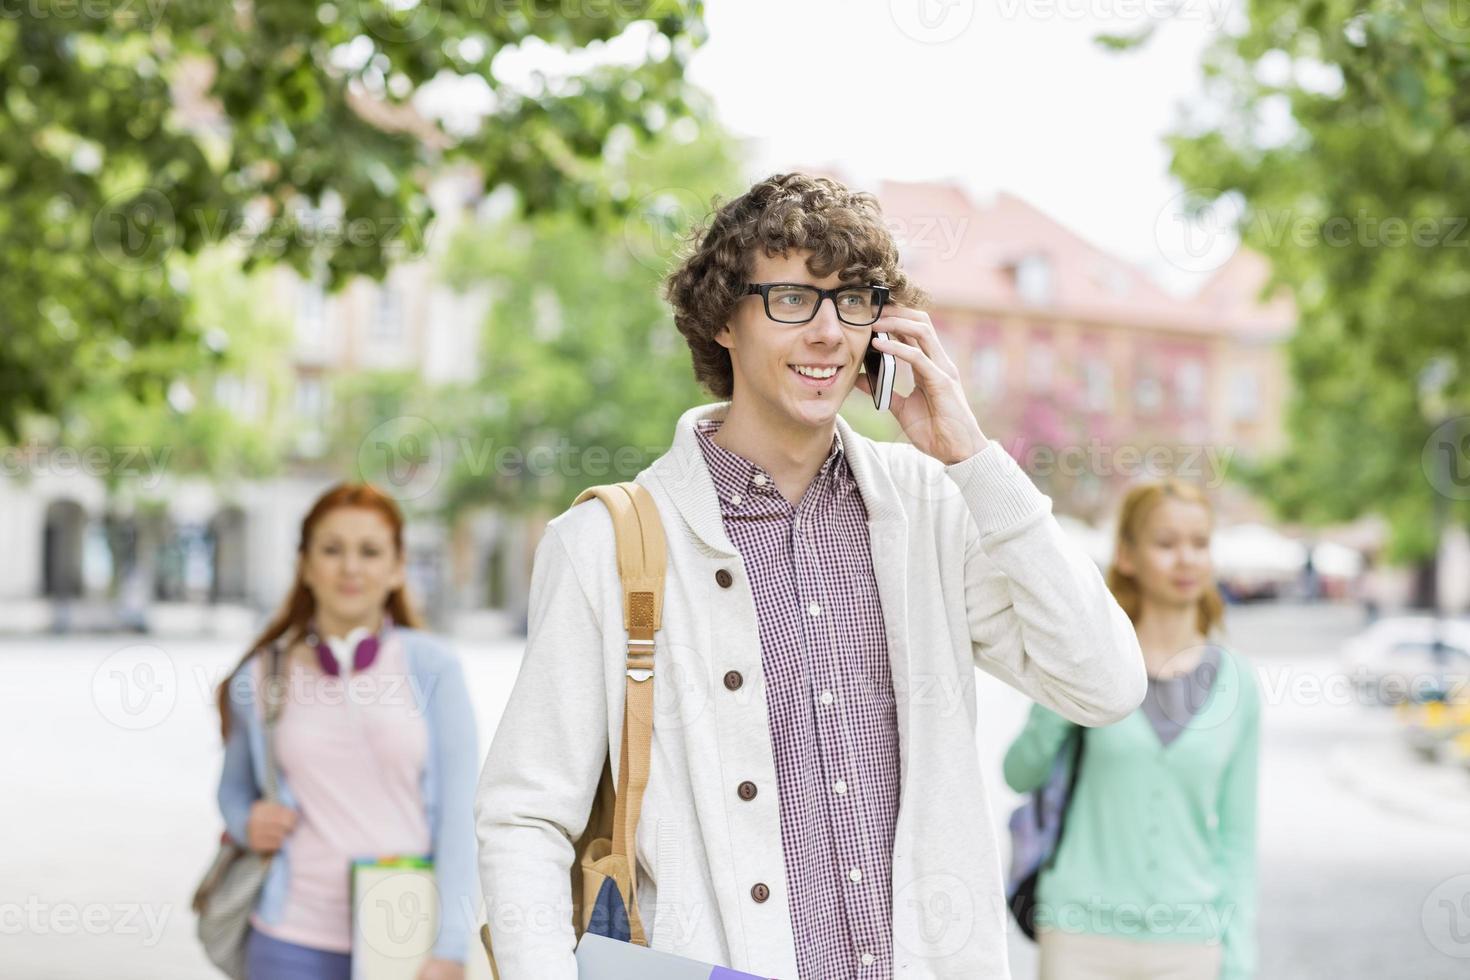 le ung manlig student som använder mobiltelefon med vänner foto